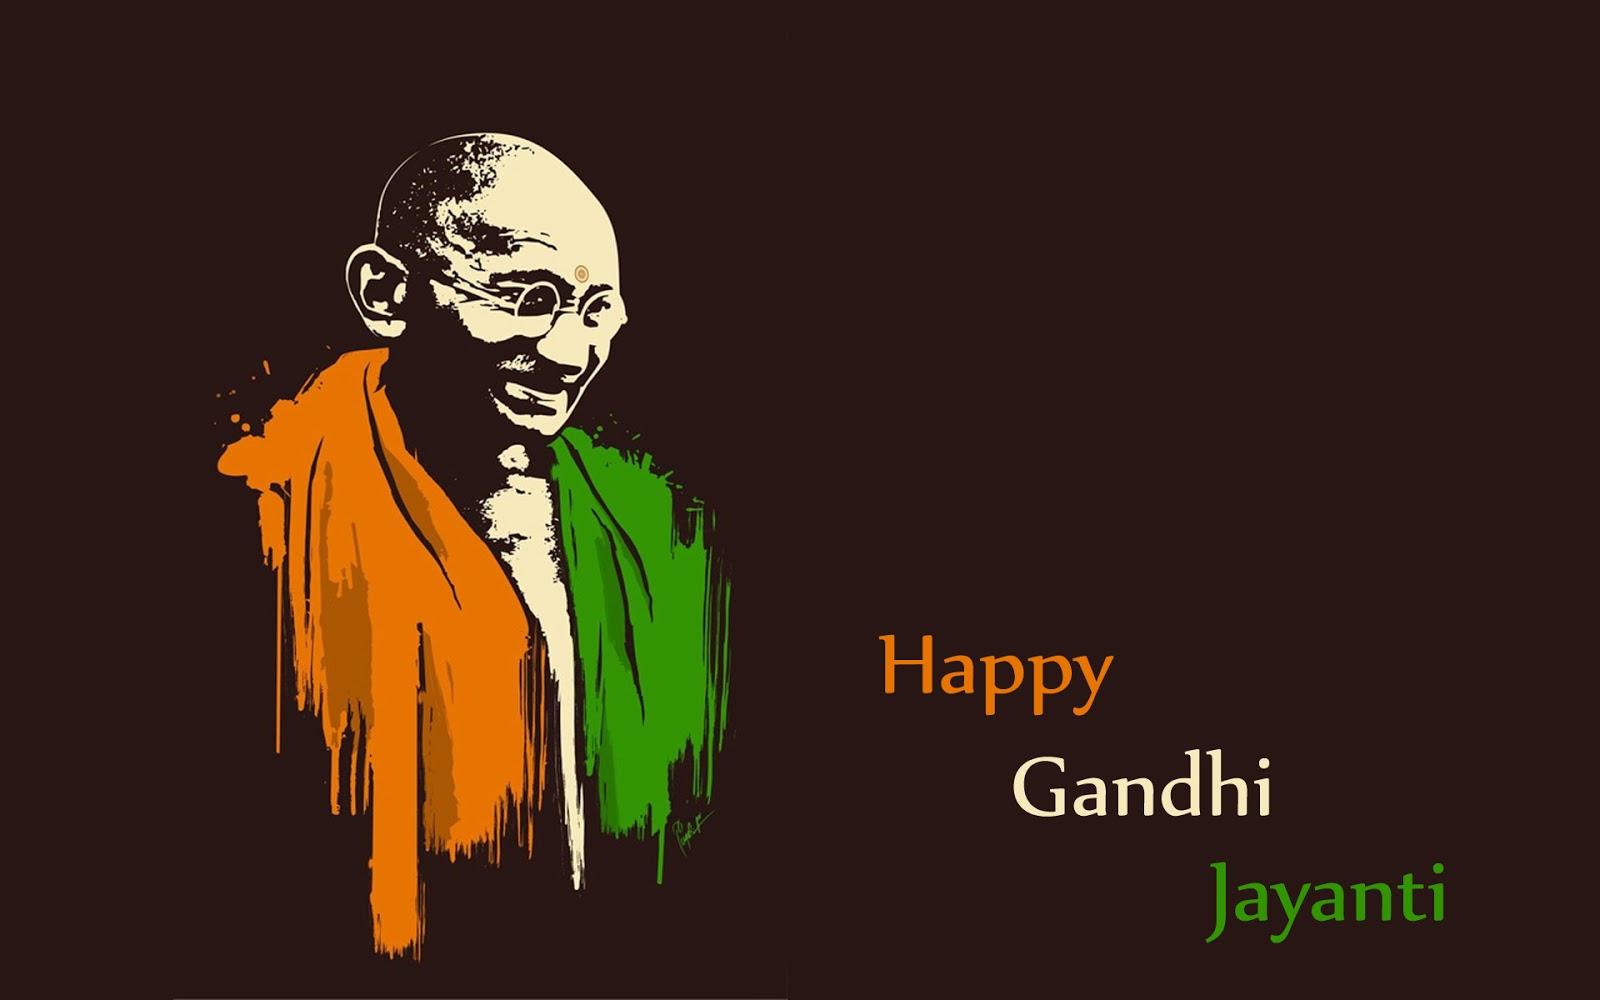 Gandhi jayanti essay for kids